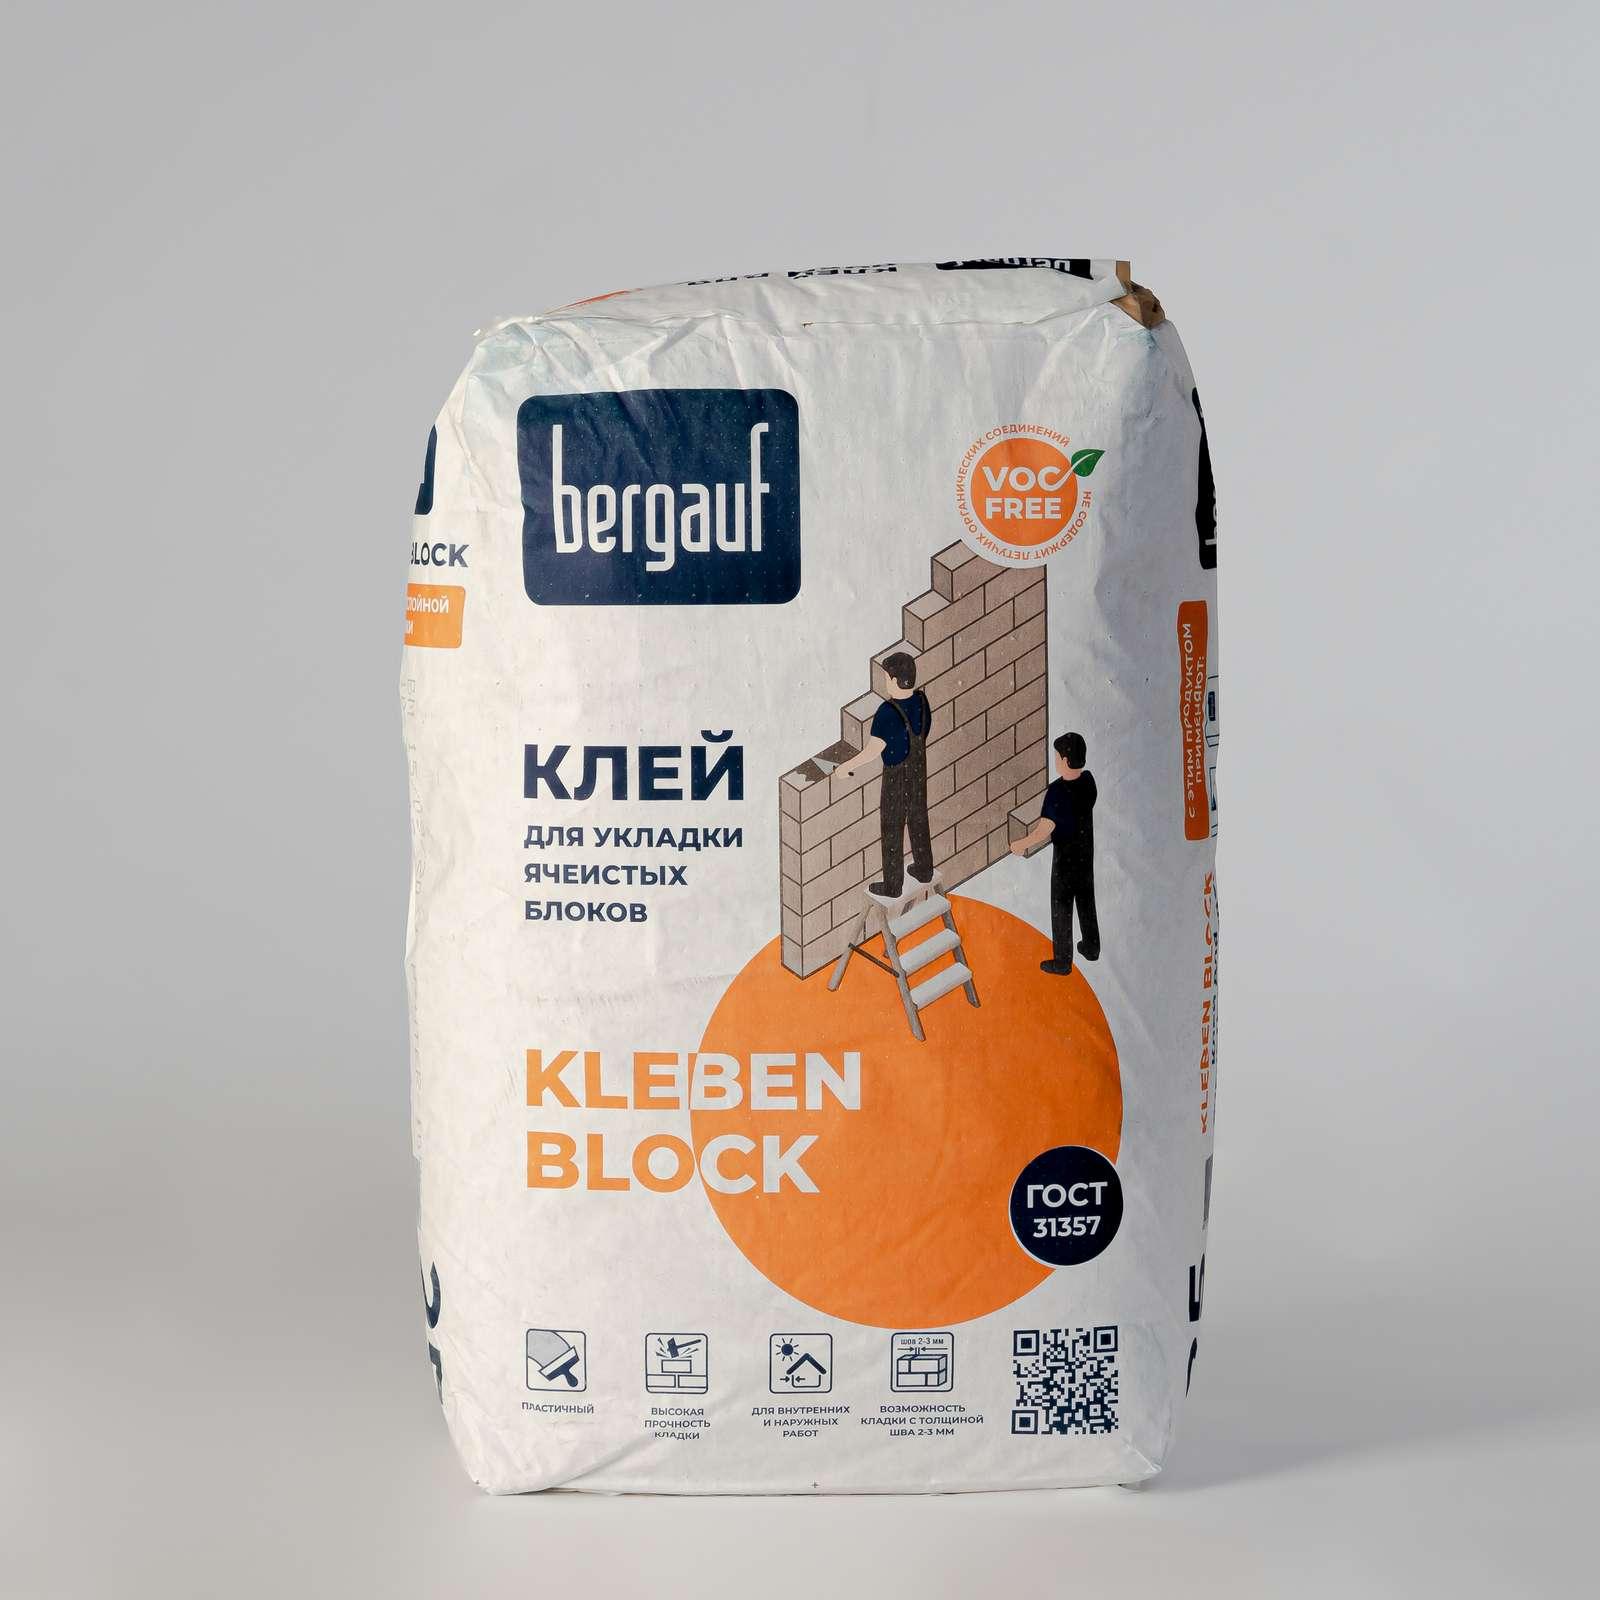 Кладочная смесь Bergauf Kleben Block для блоков из ячеистого бетона, 25 кг